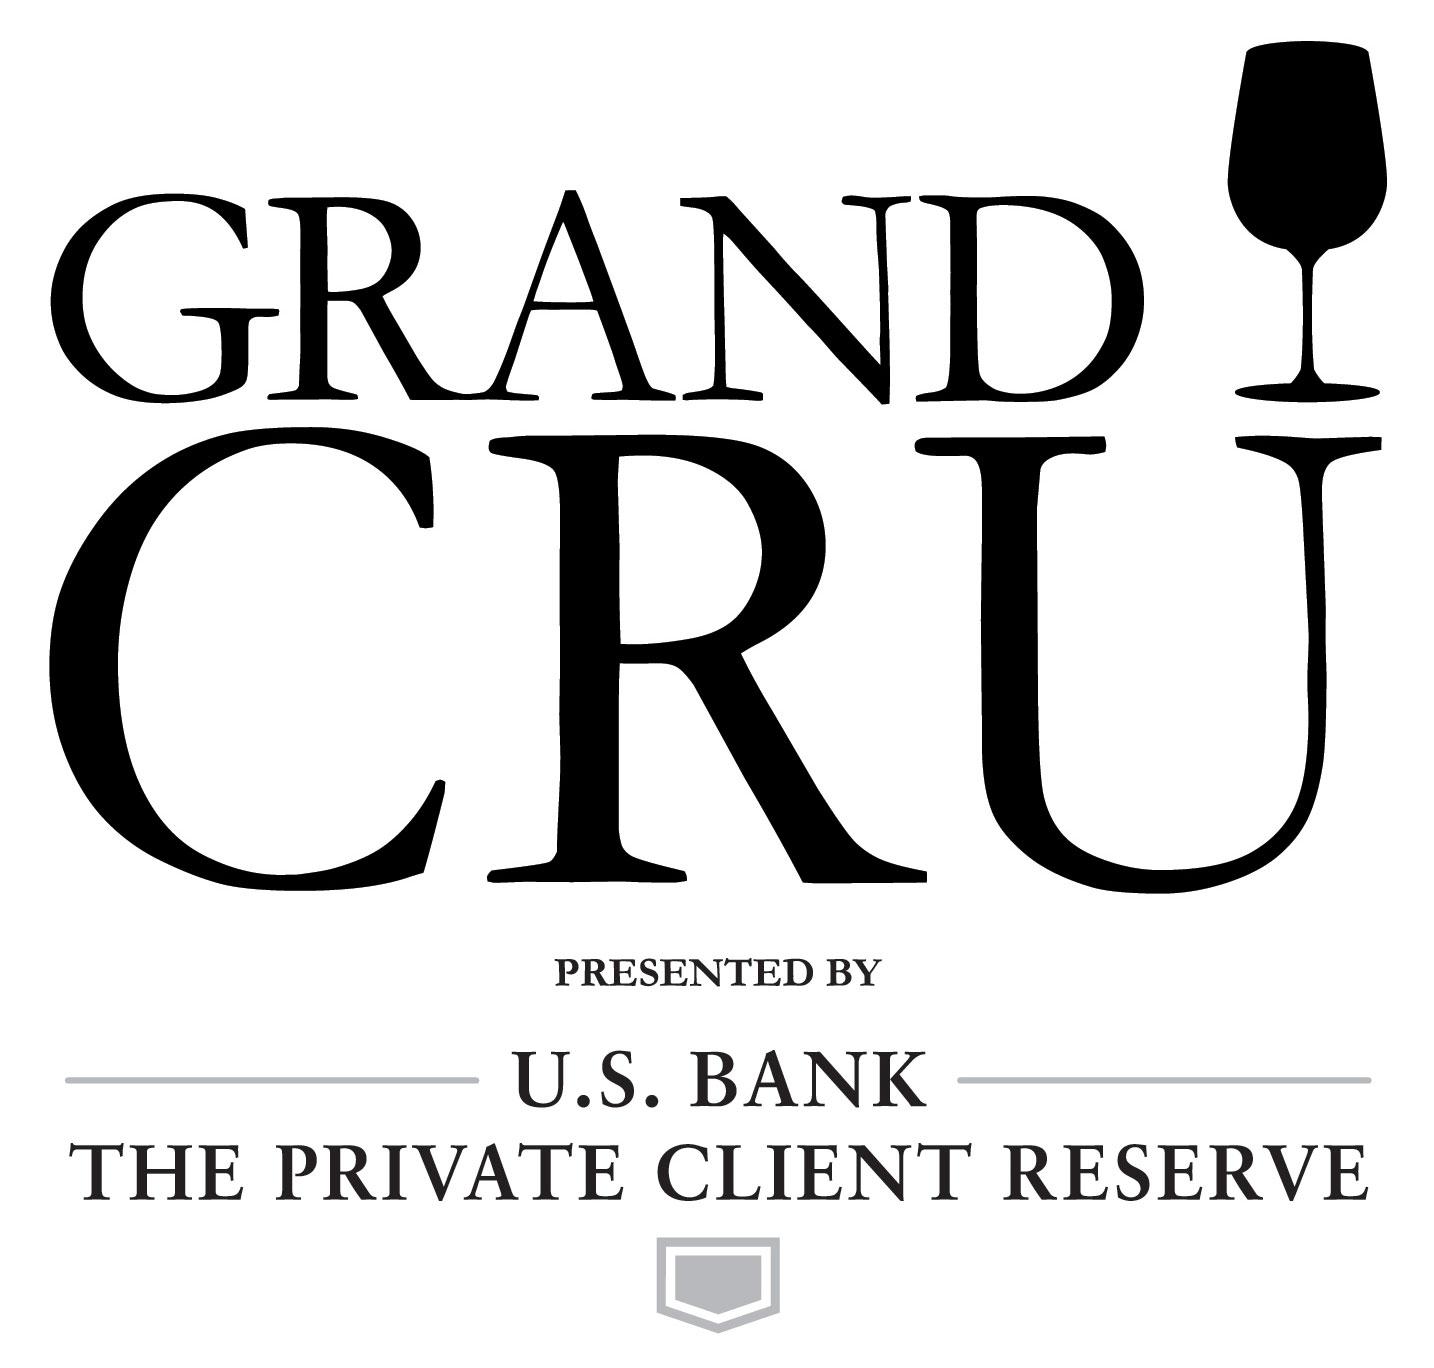 Grand_Cru_NEW_3